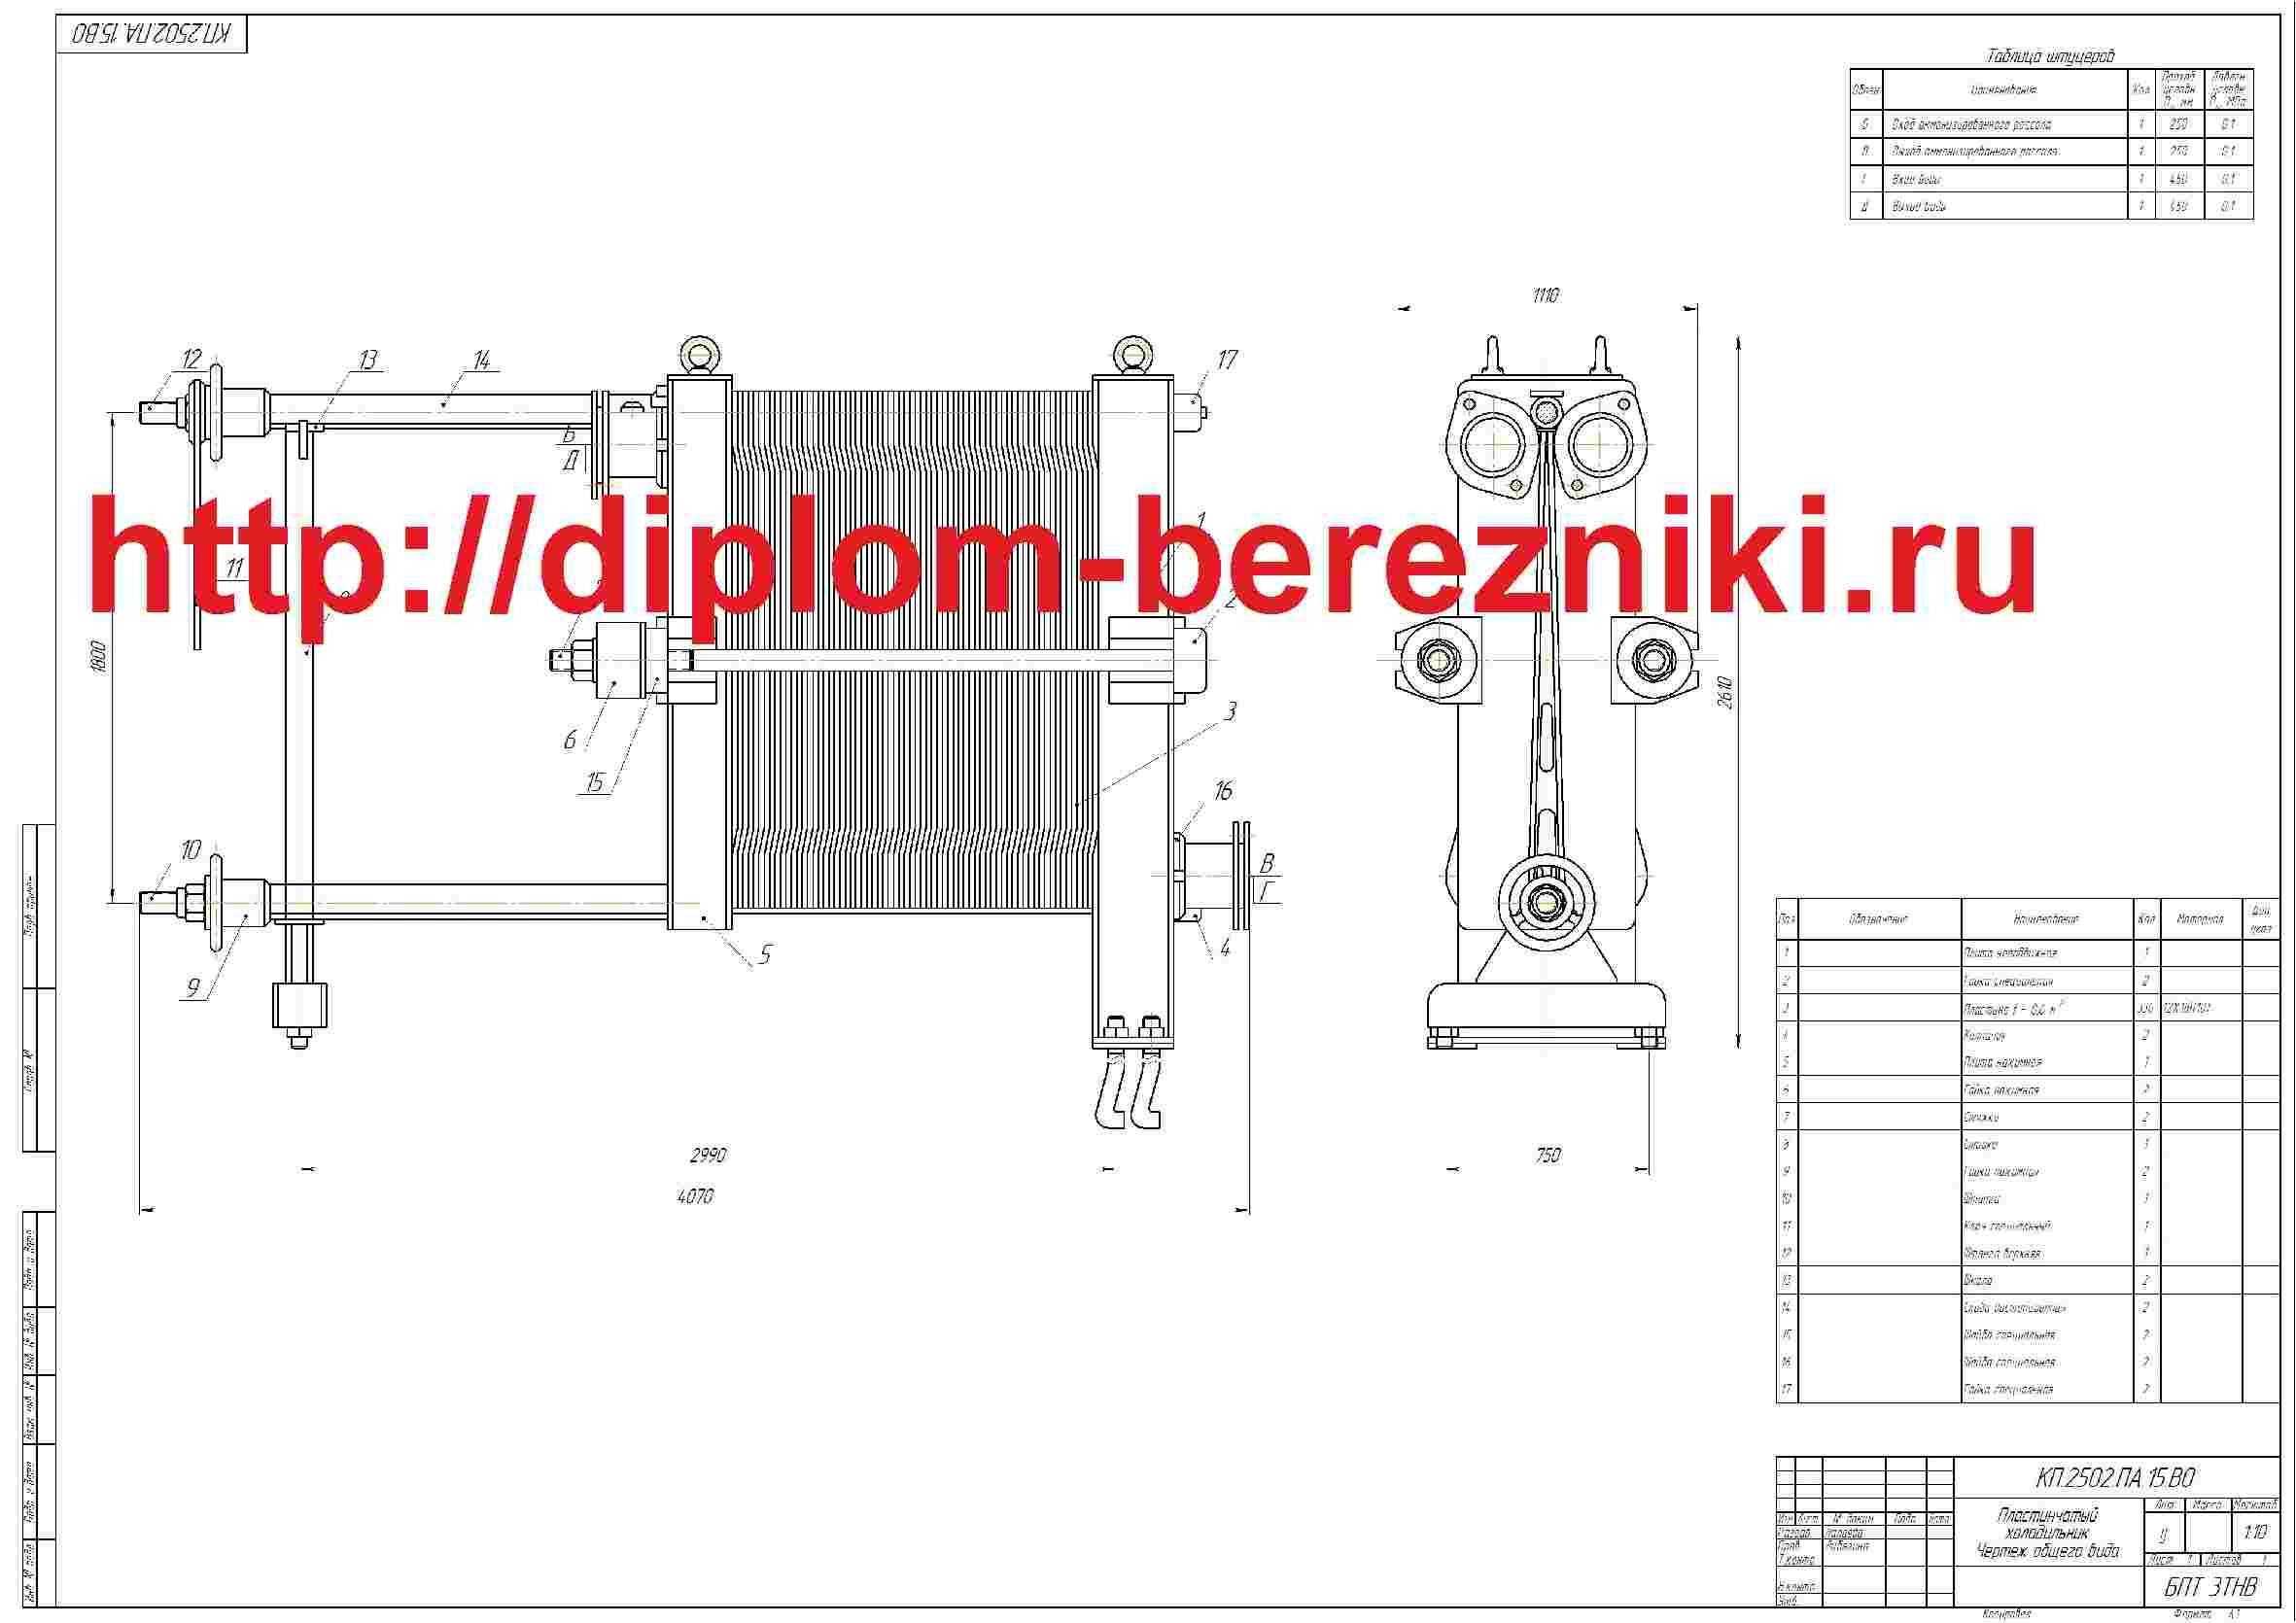 Пластинчатого теплообменника в компасе Пластинчатый теплообменник ЭТРА ЭТ-0205 Тамбов